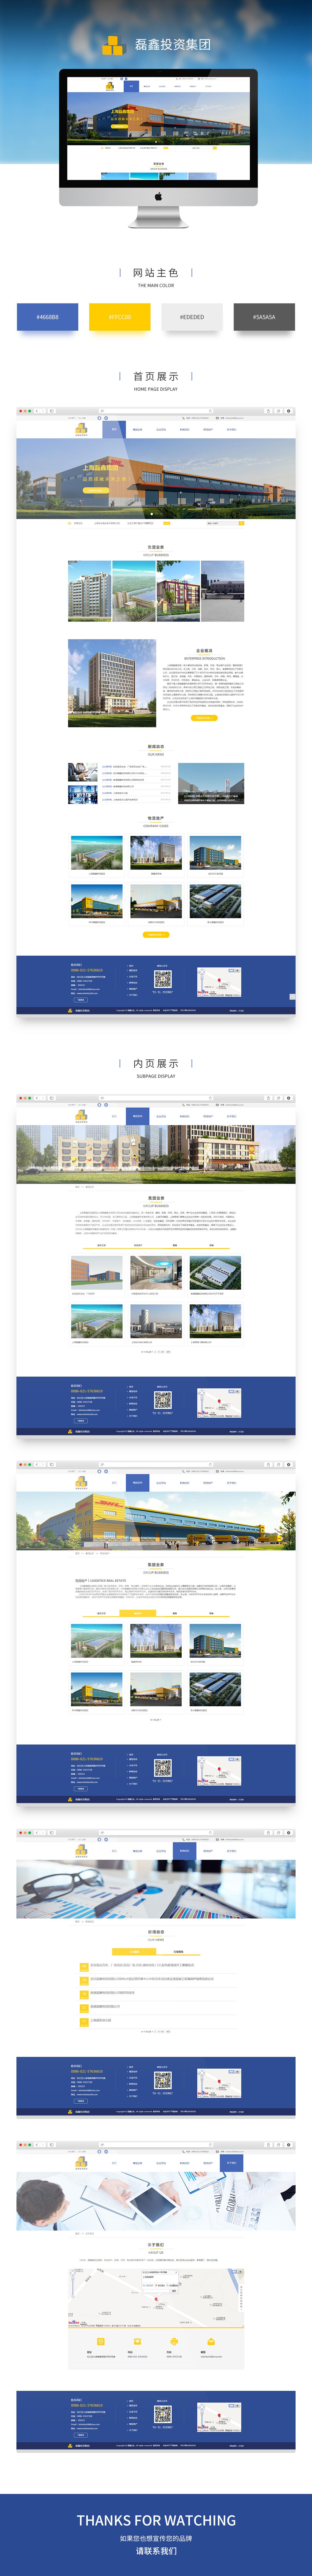 公司案例展示2018-19上海磊鑫投資集團